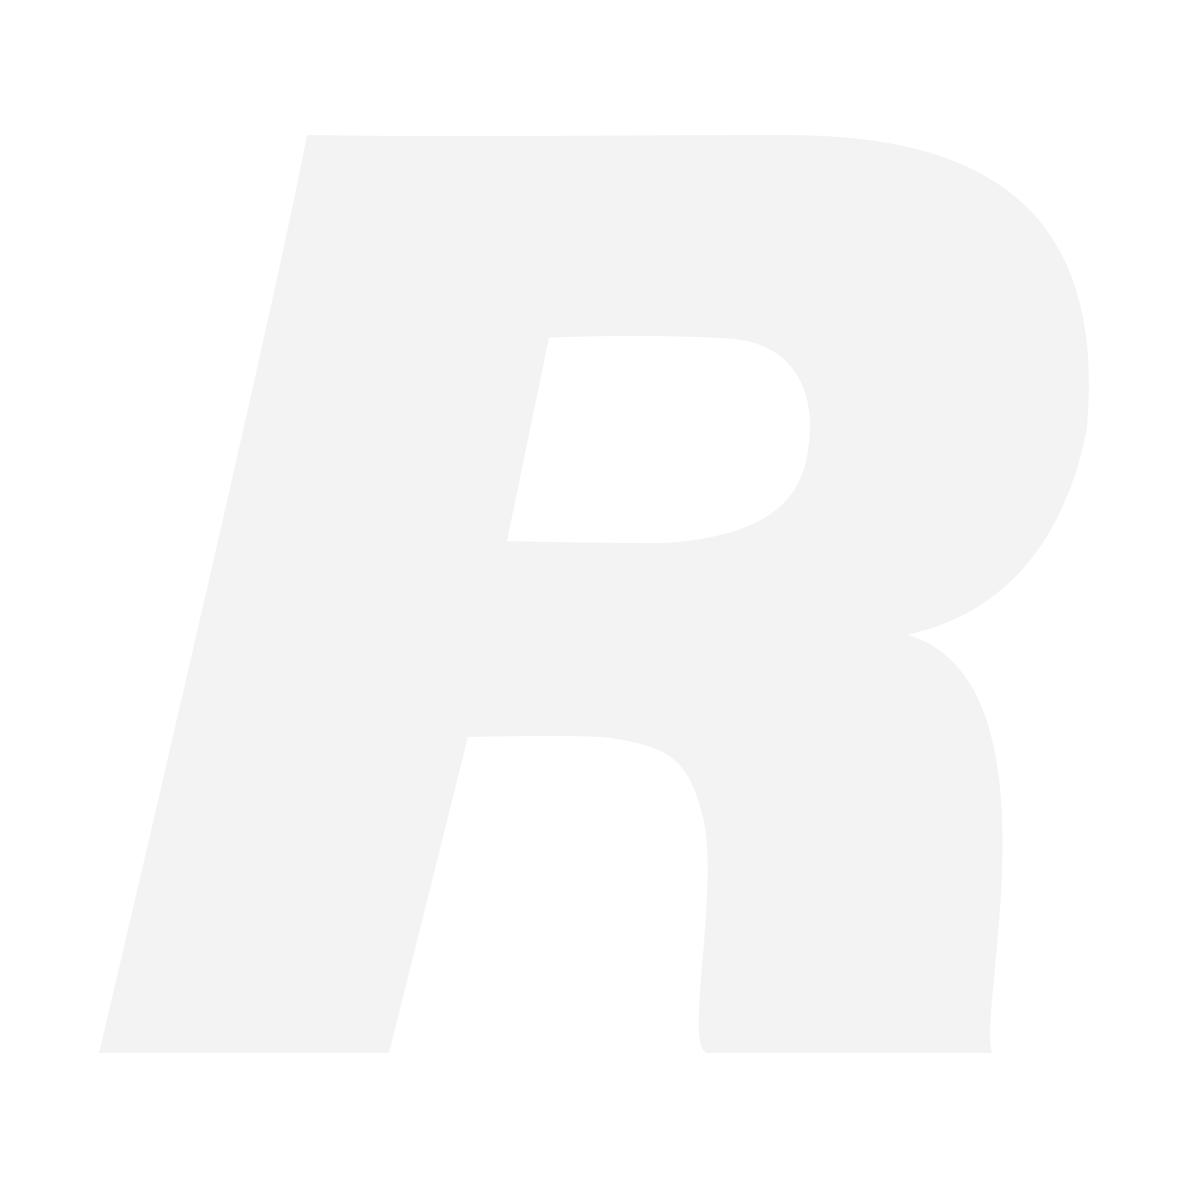 CANON EF 1.4X TELEJATKE KÄYTETTY